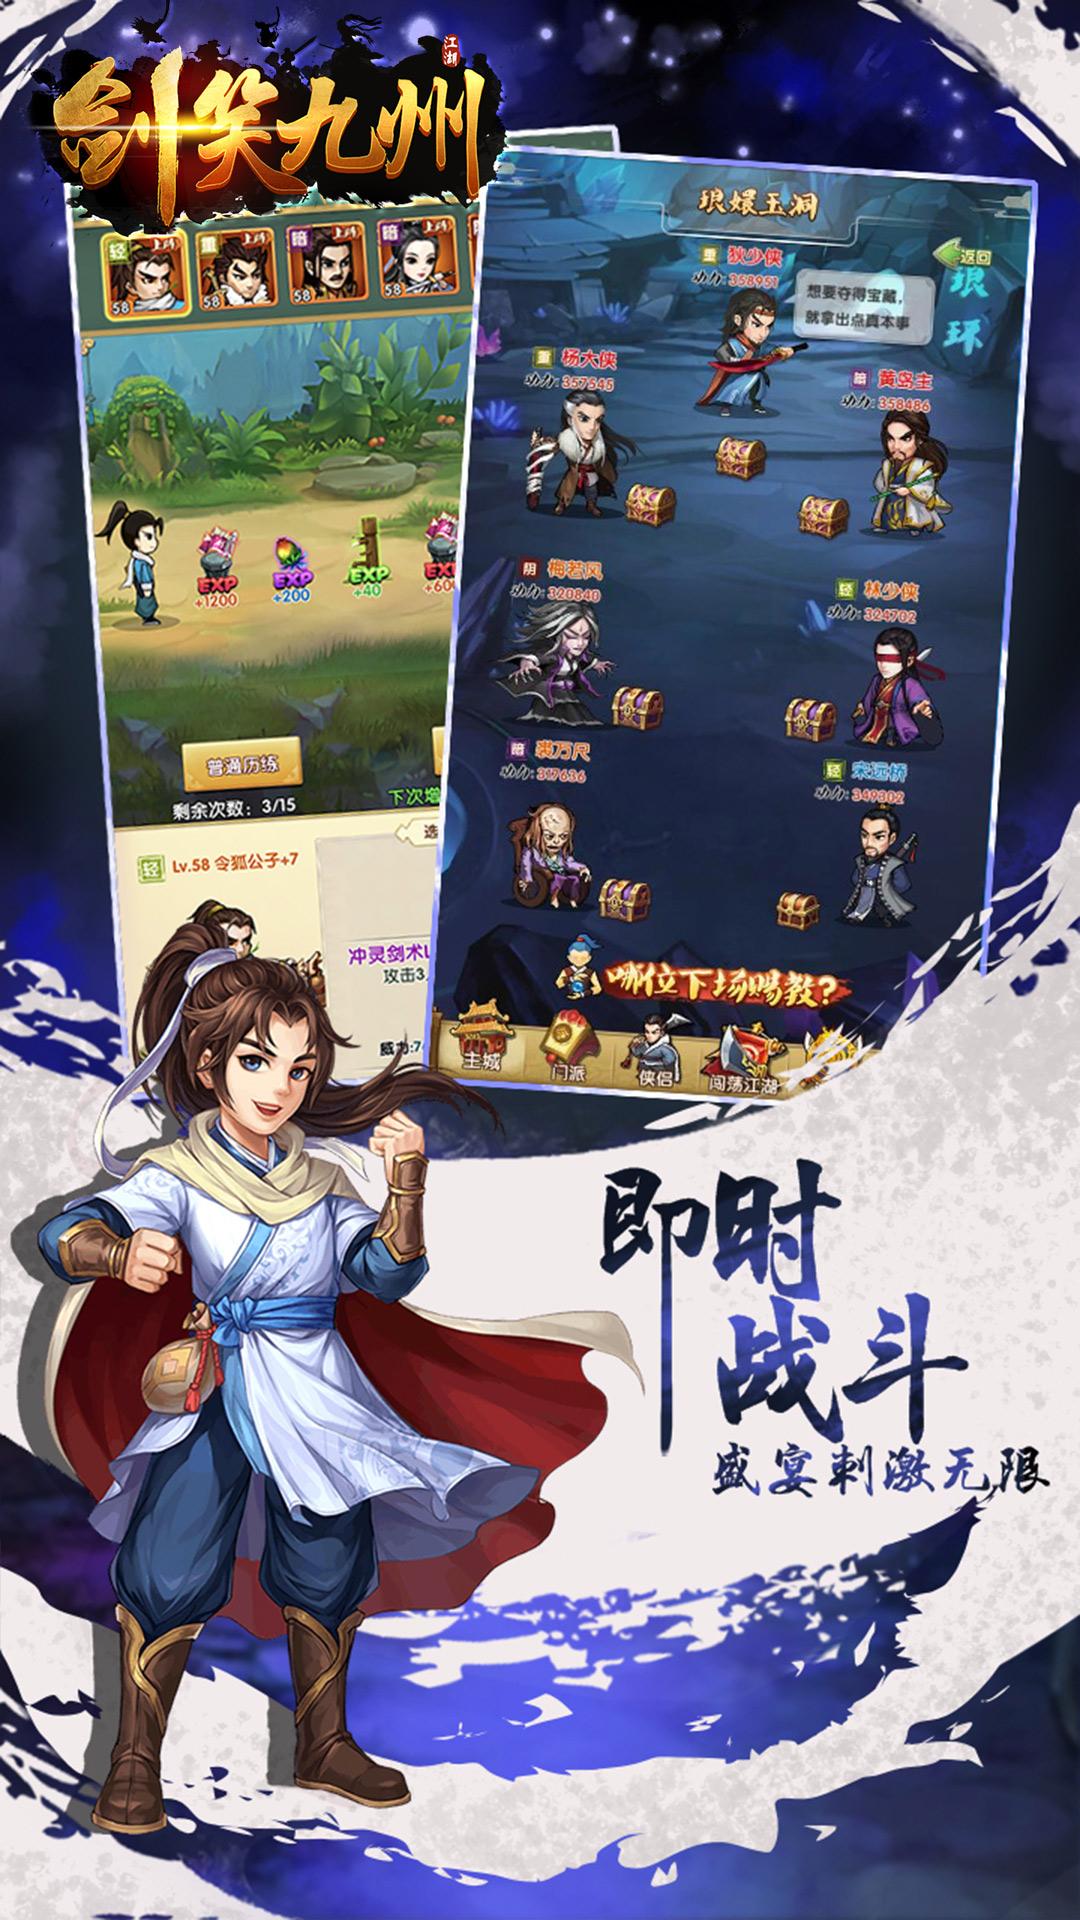 剑笑九州BT版 V1.0 安卓版截图4